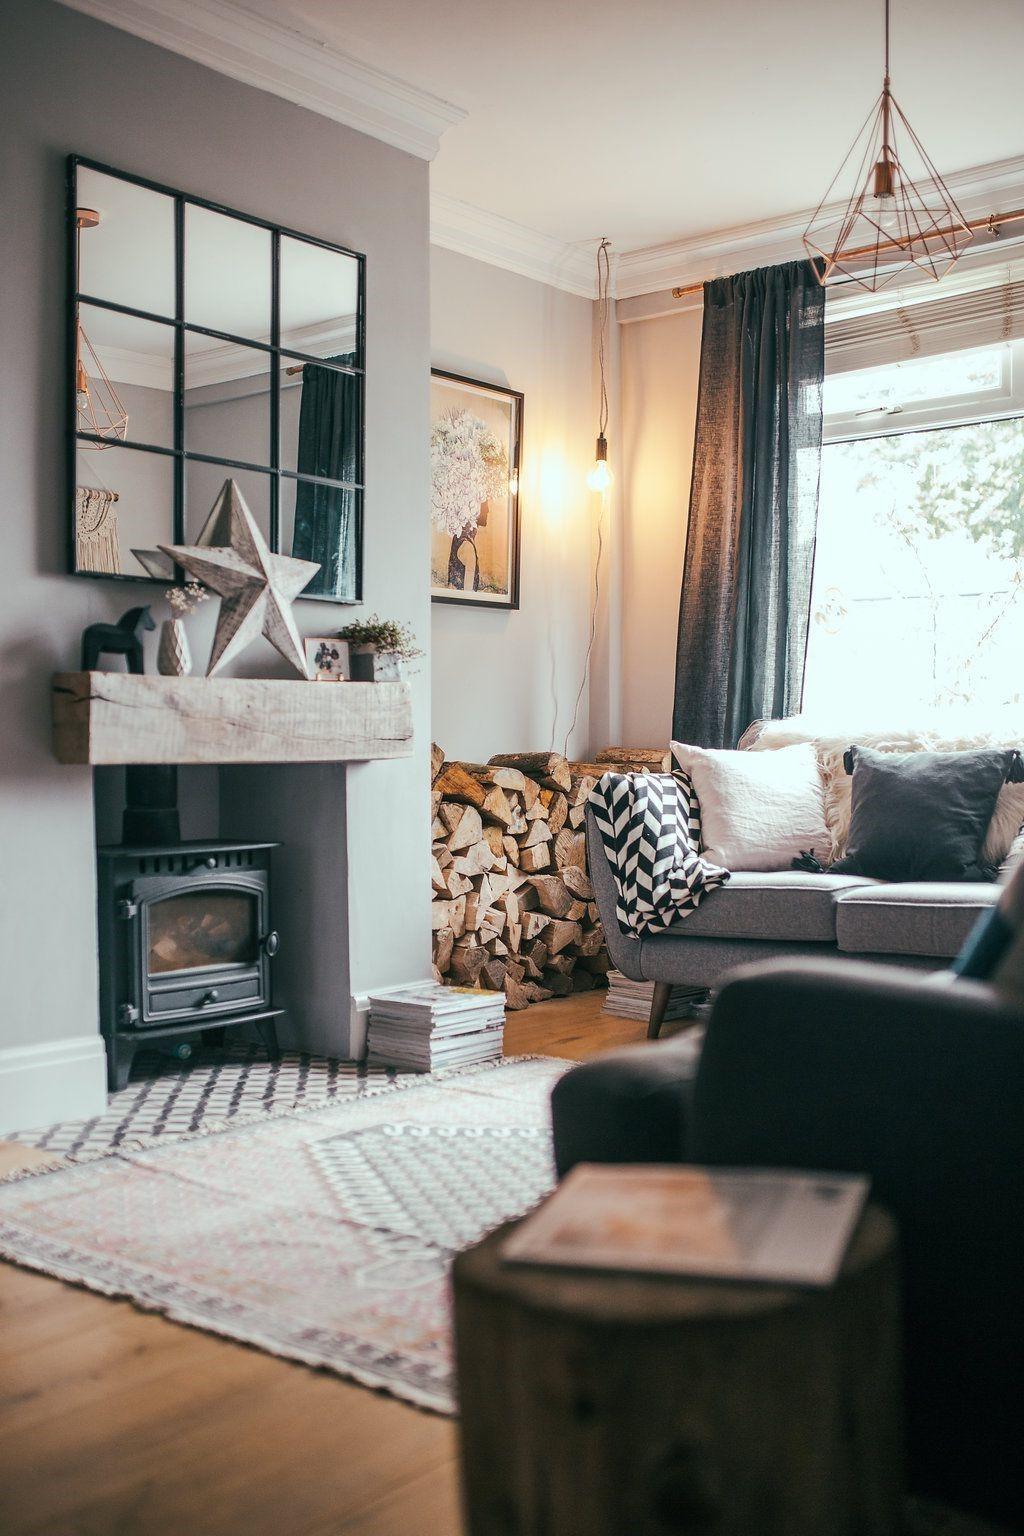 40 idées inspirantes pour arranger un salon chaleureux dans votre maison en 2020   Idée déco ...